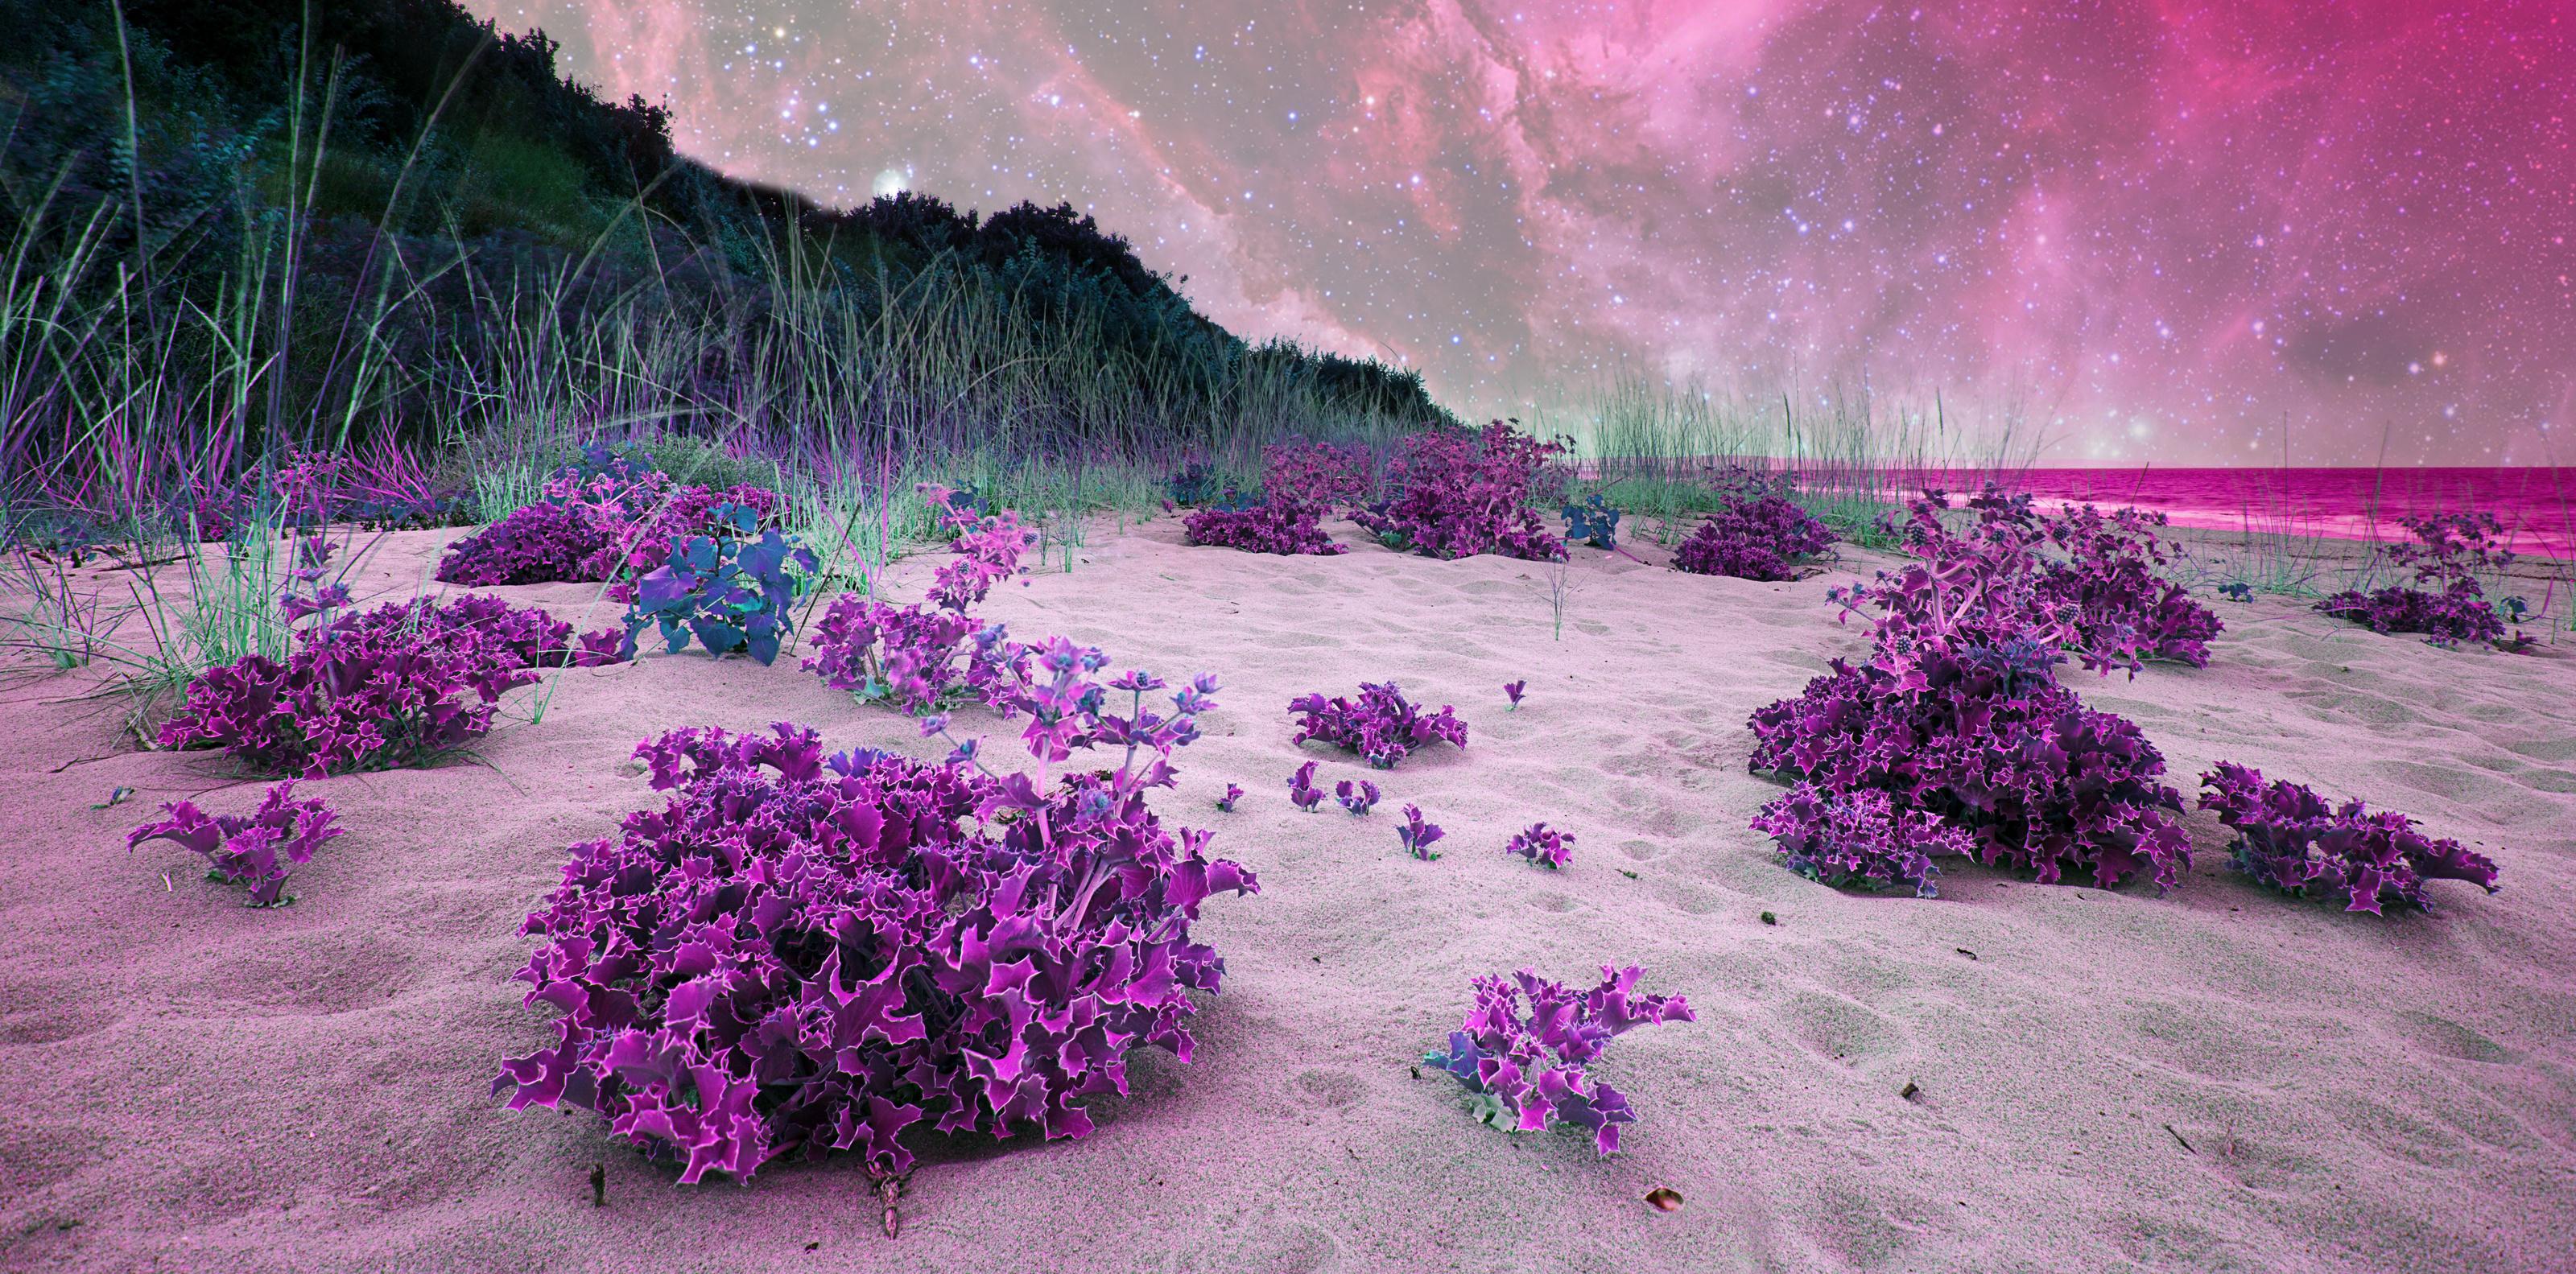 landscape-bayer-bayer.com